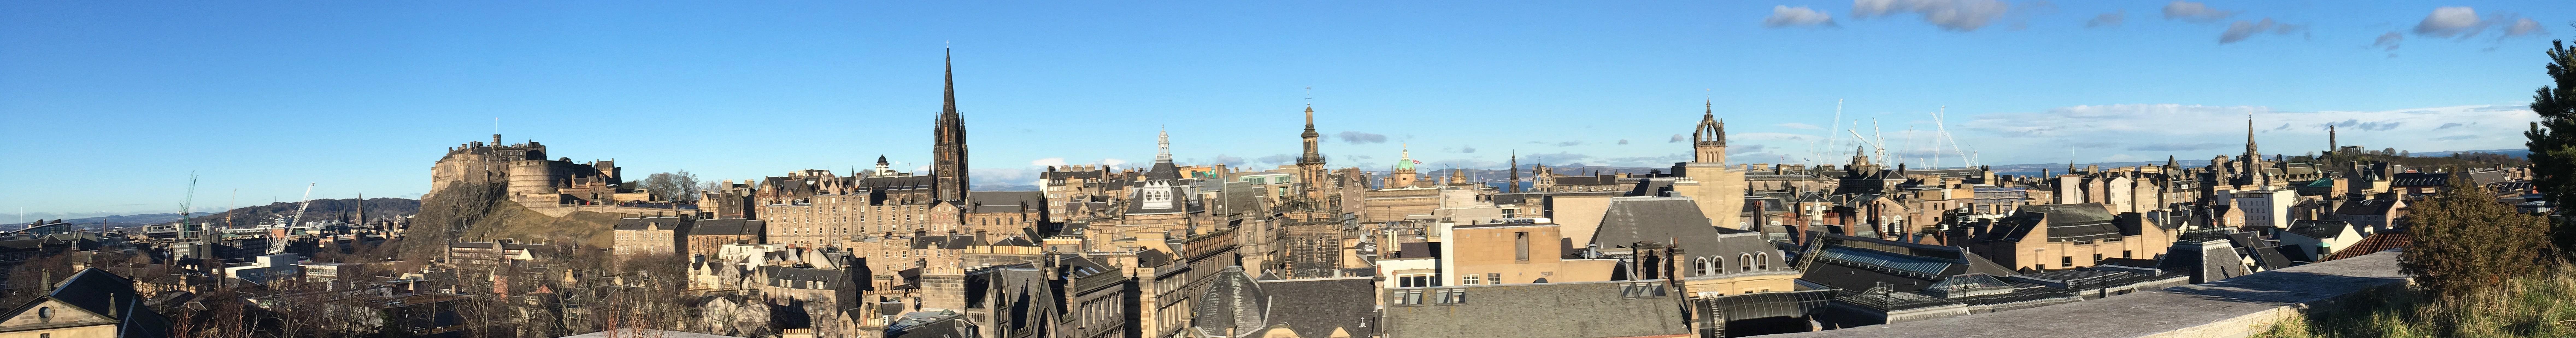 苏格兰博物馆的天台是绝佳的观景位置